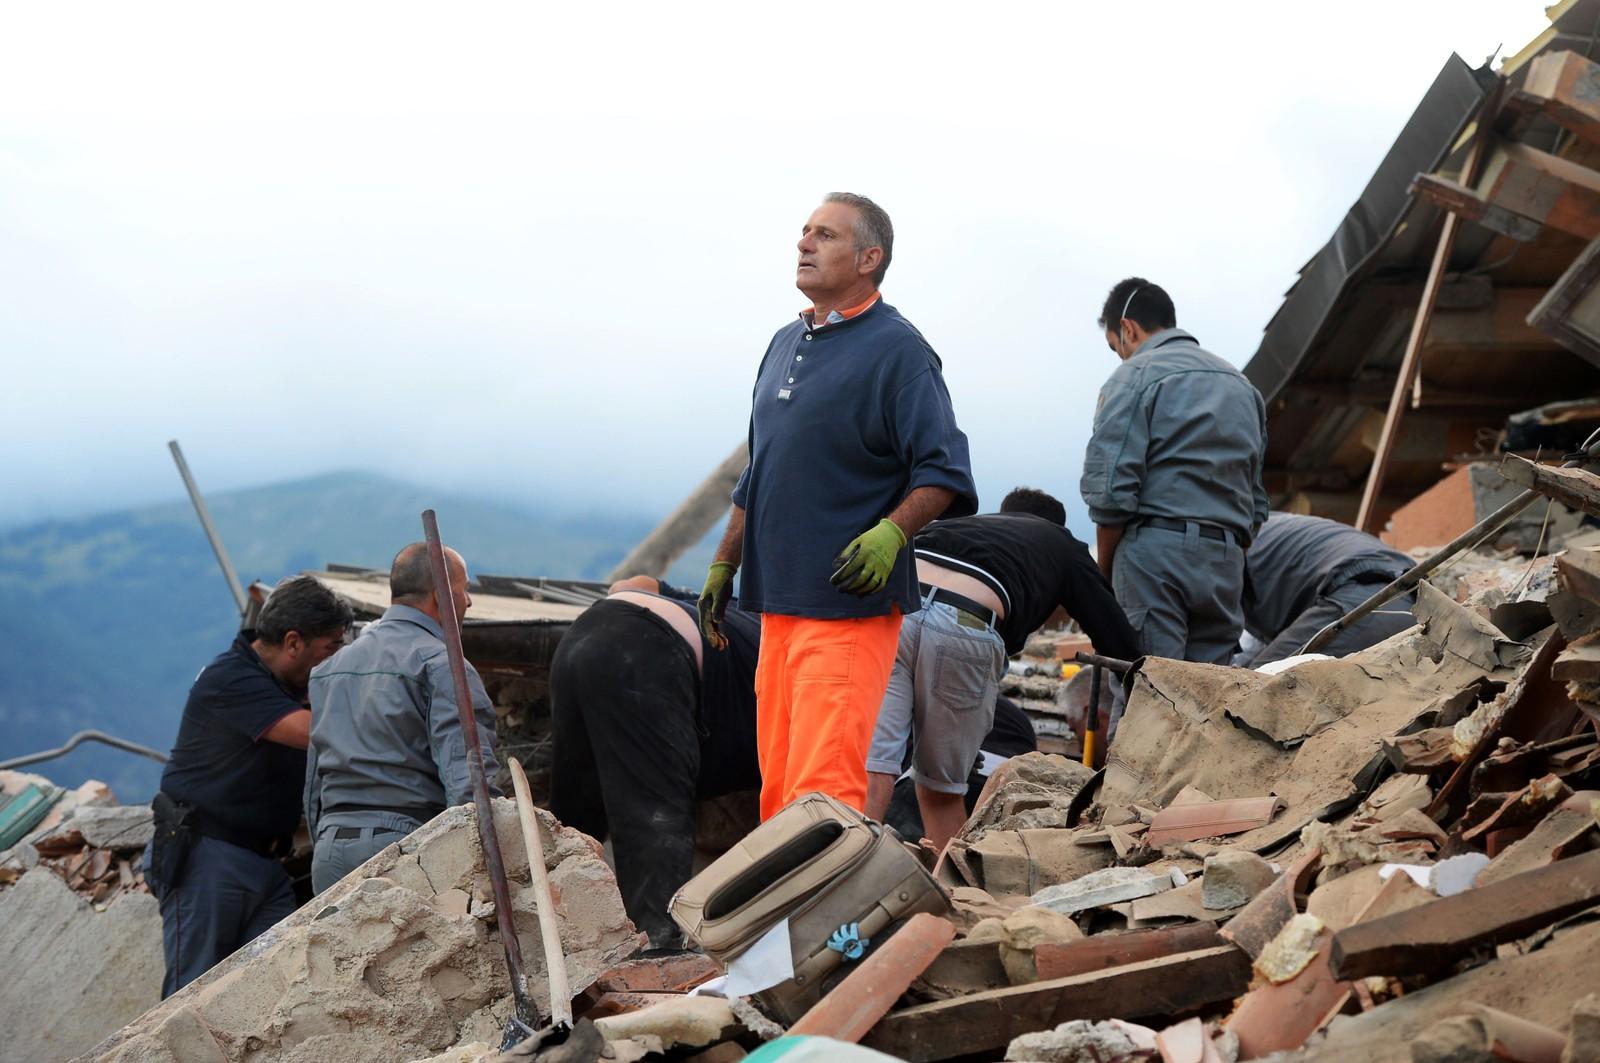 Mange hus har kollapset som følge av jordskjelvet.